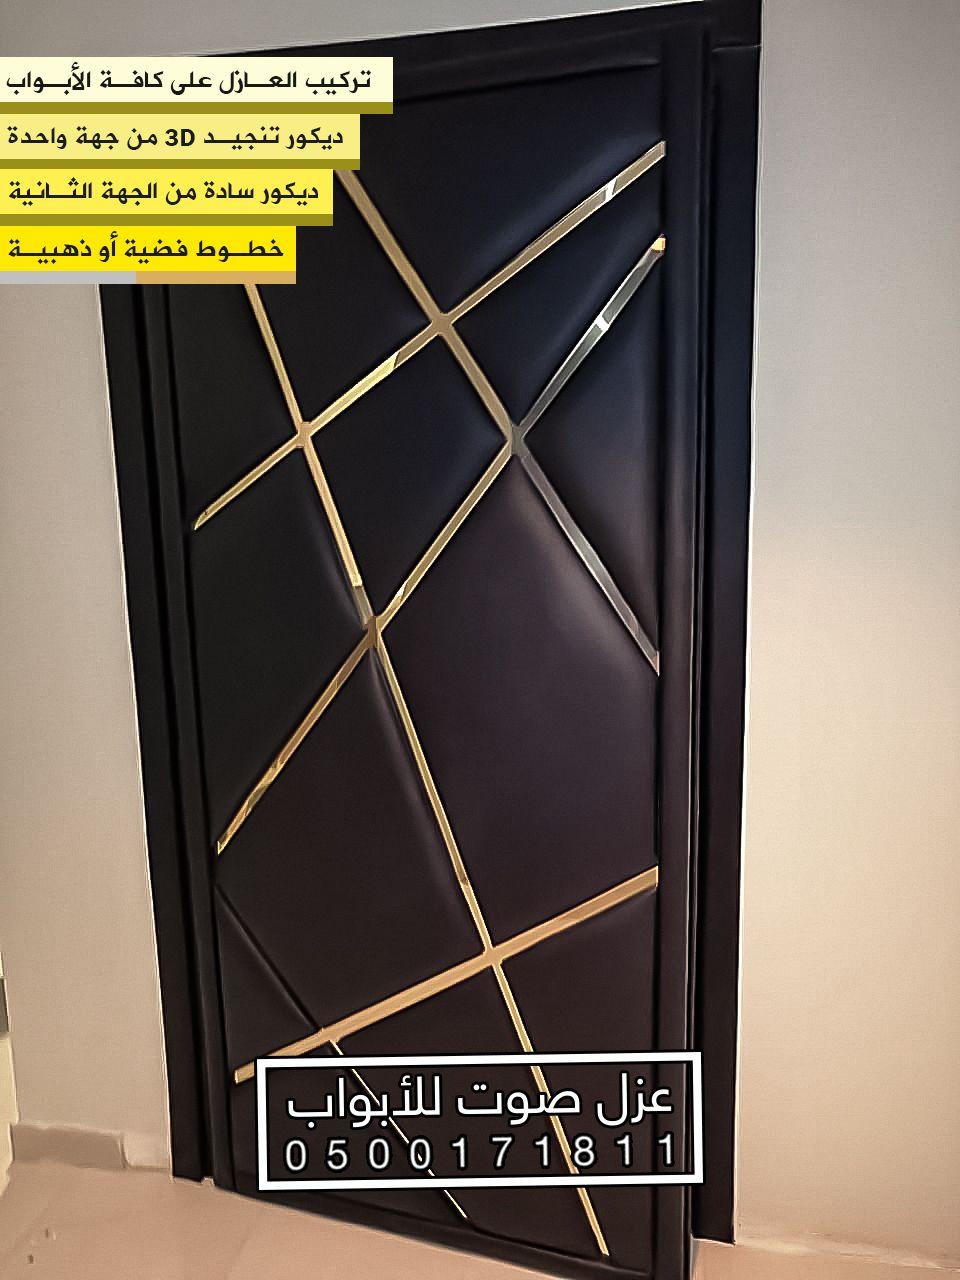 عازل الأبواب الجديد عزل أقوى و شكل أجمل الرياض Home Decor Decals Home Decor